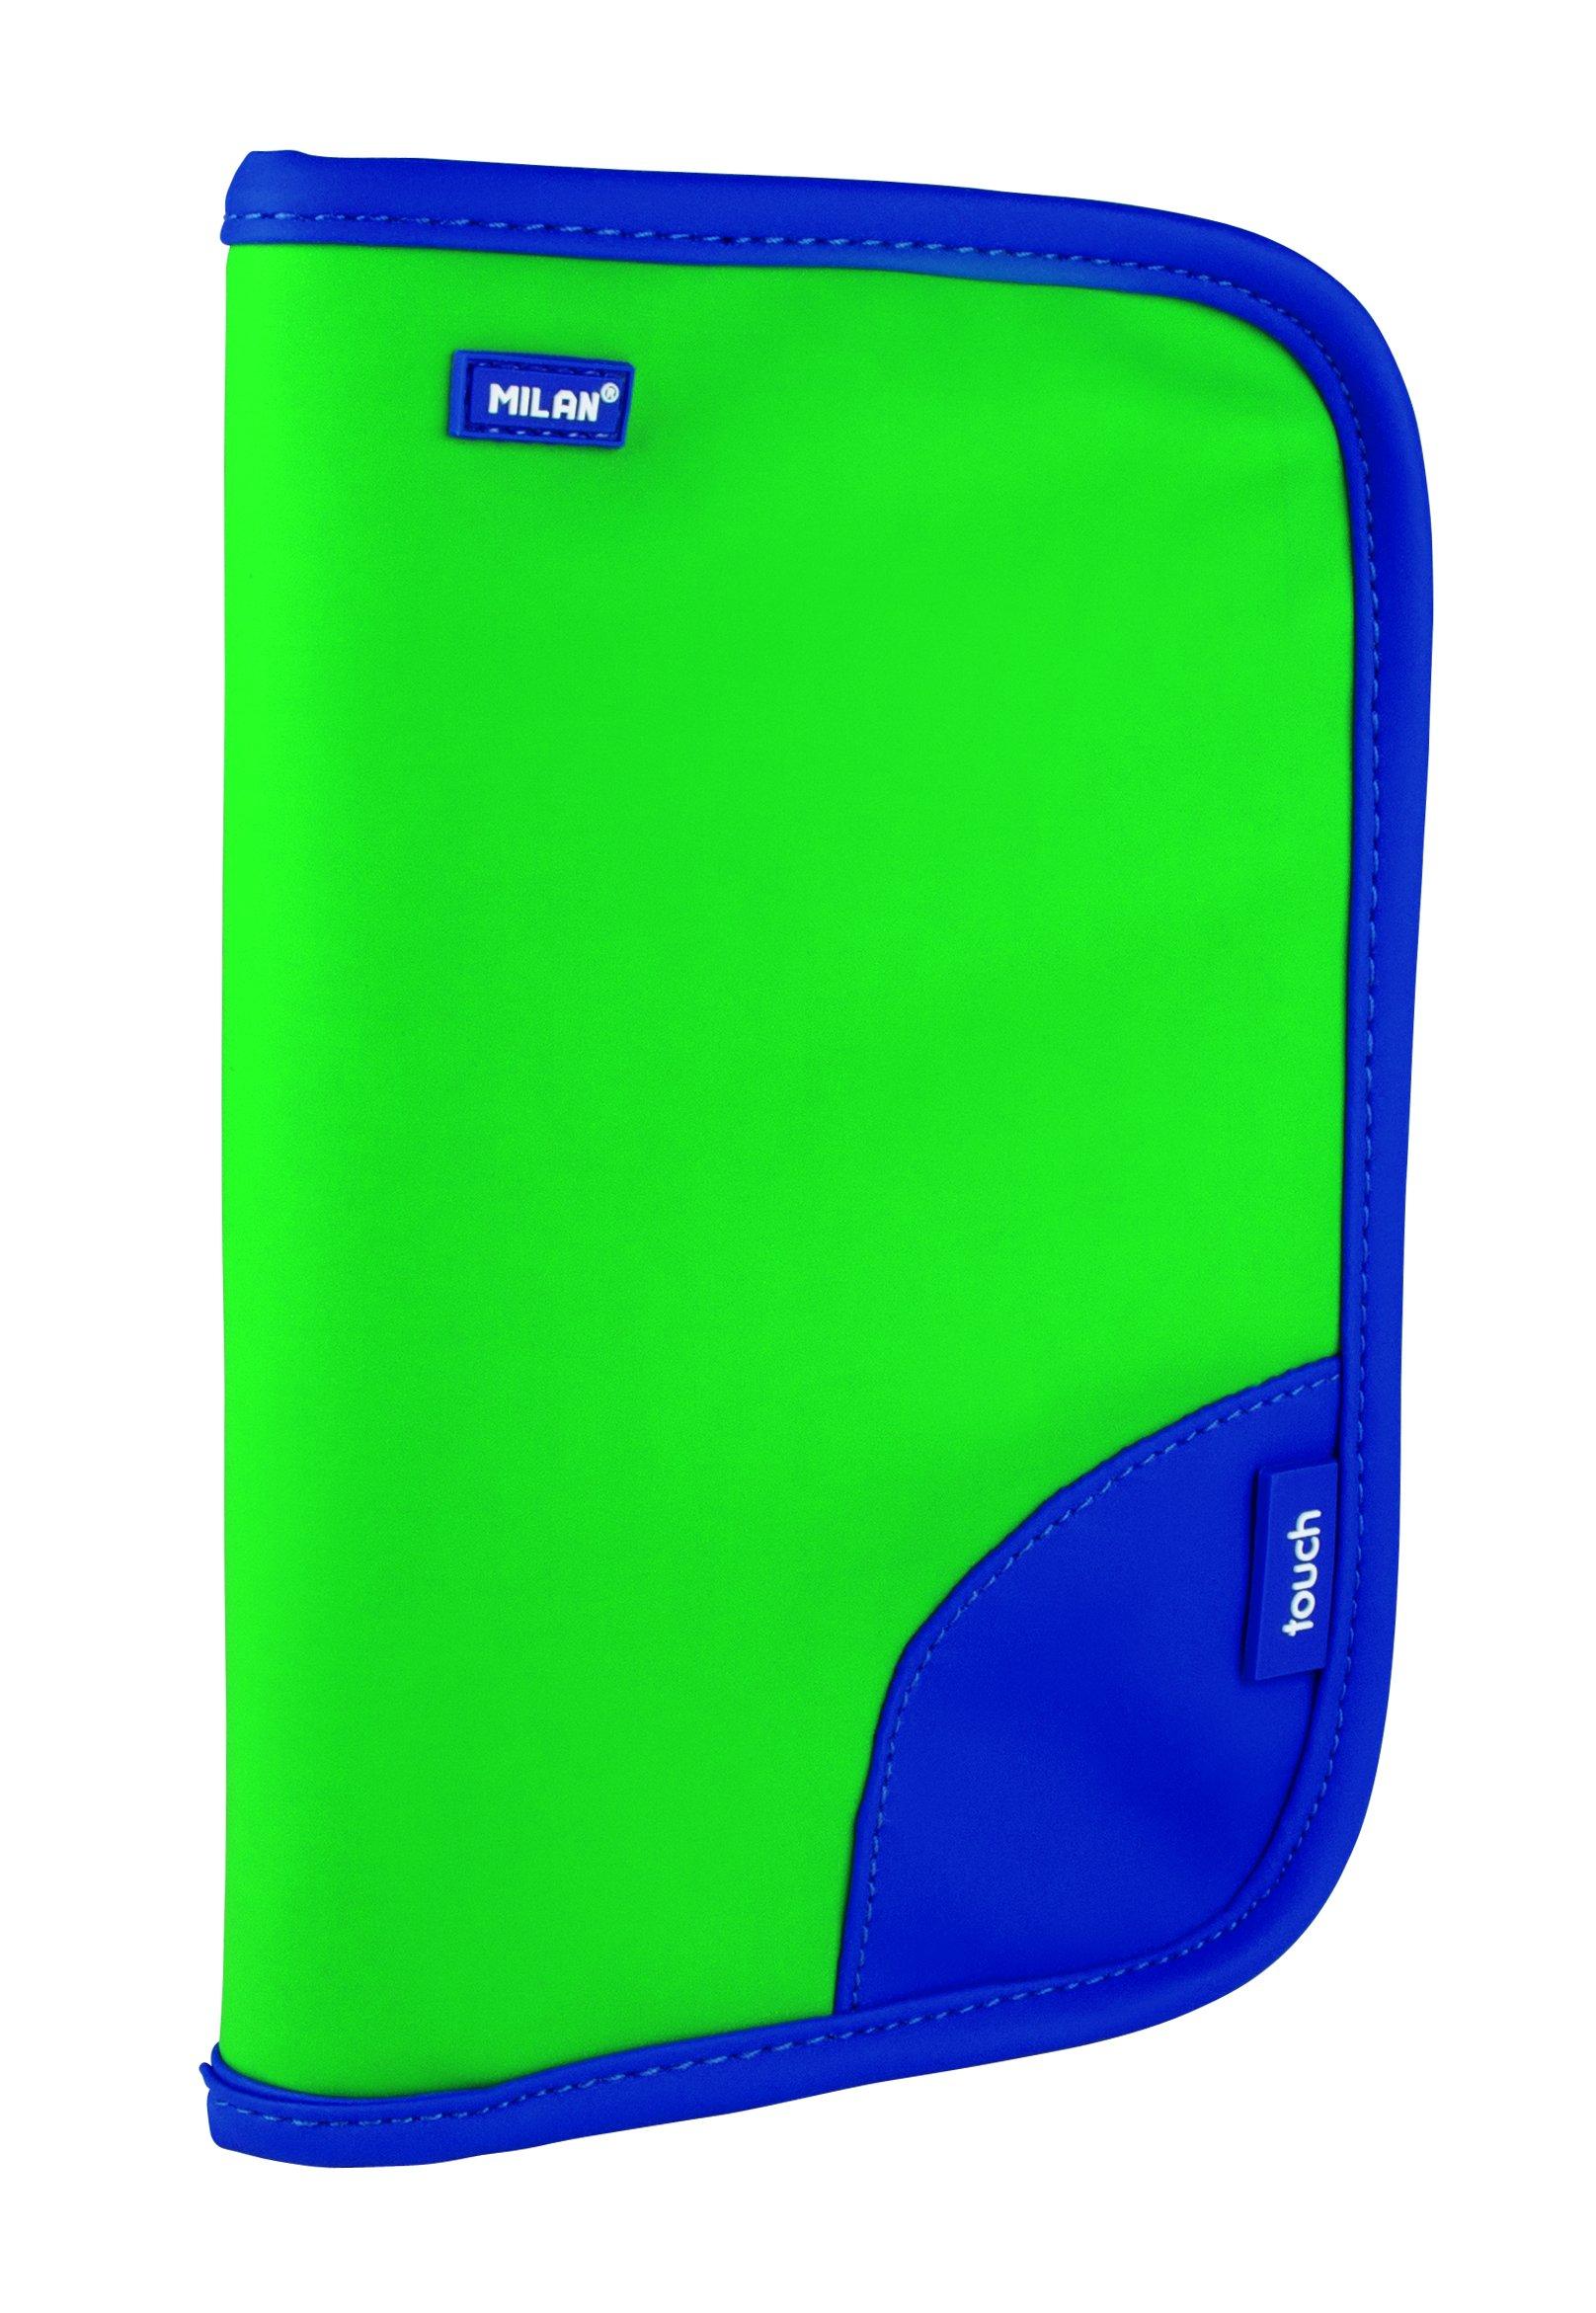 Milan Touch Duo Estuches, 21 cm, 1.1 litros, Verde/Azul